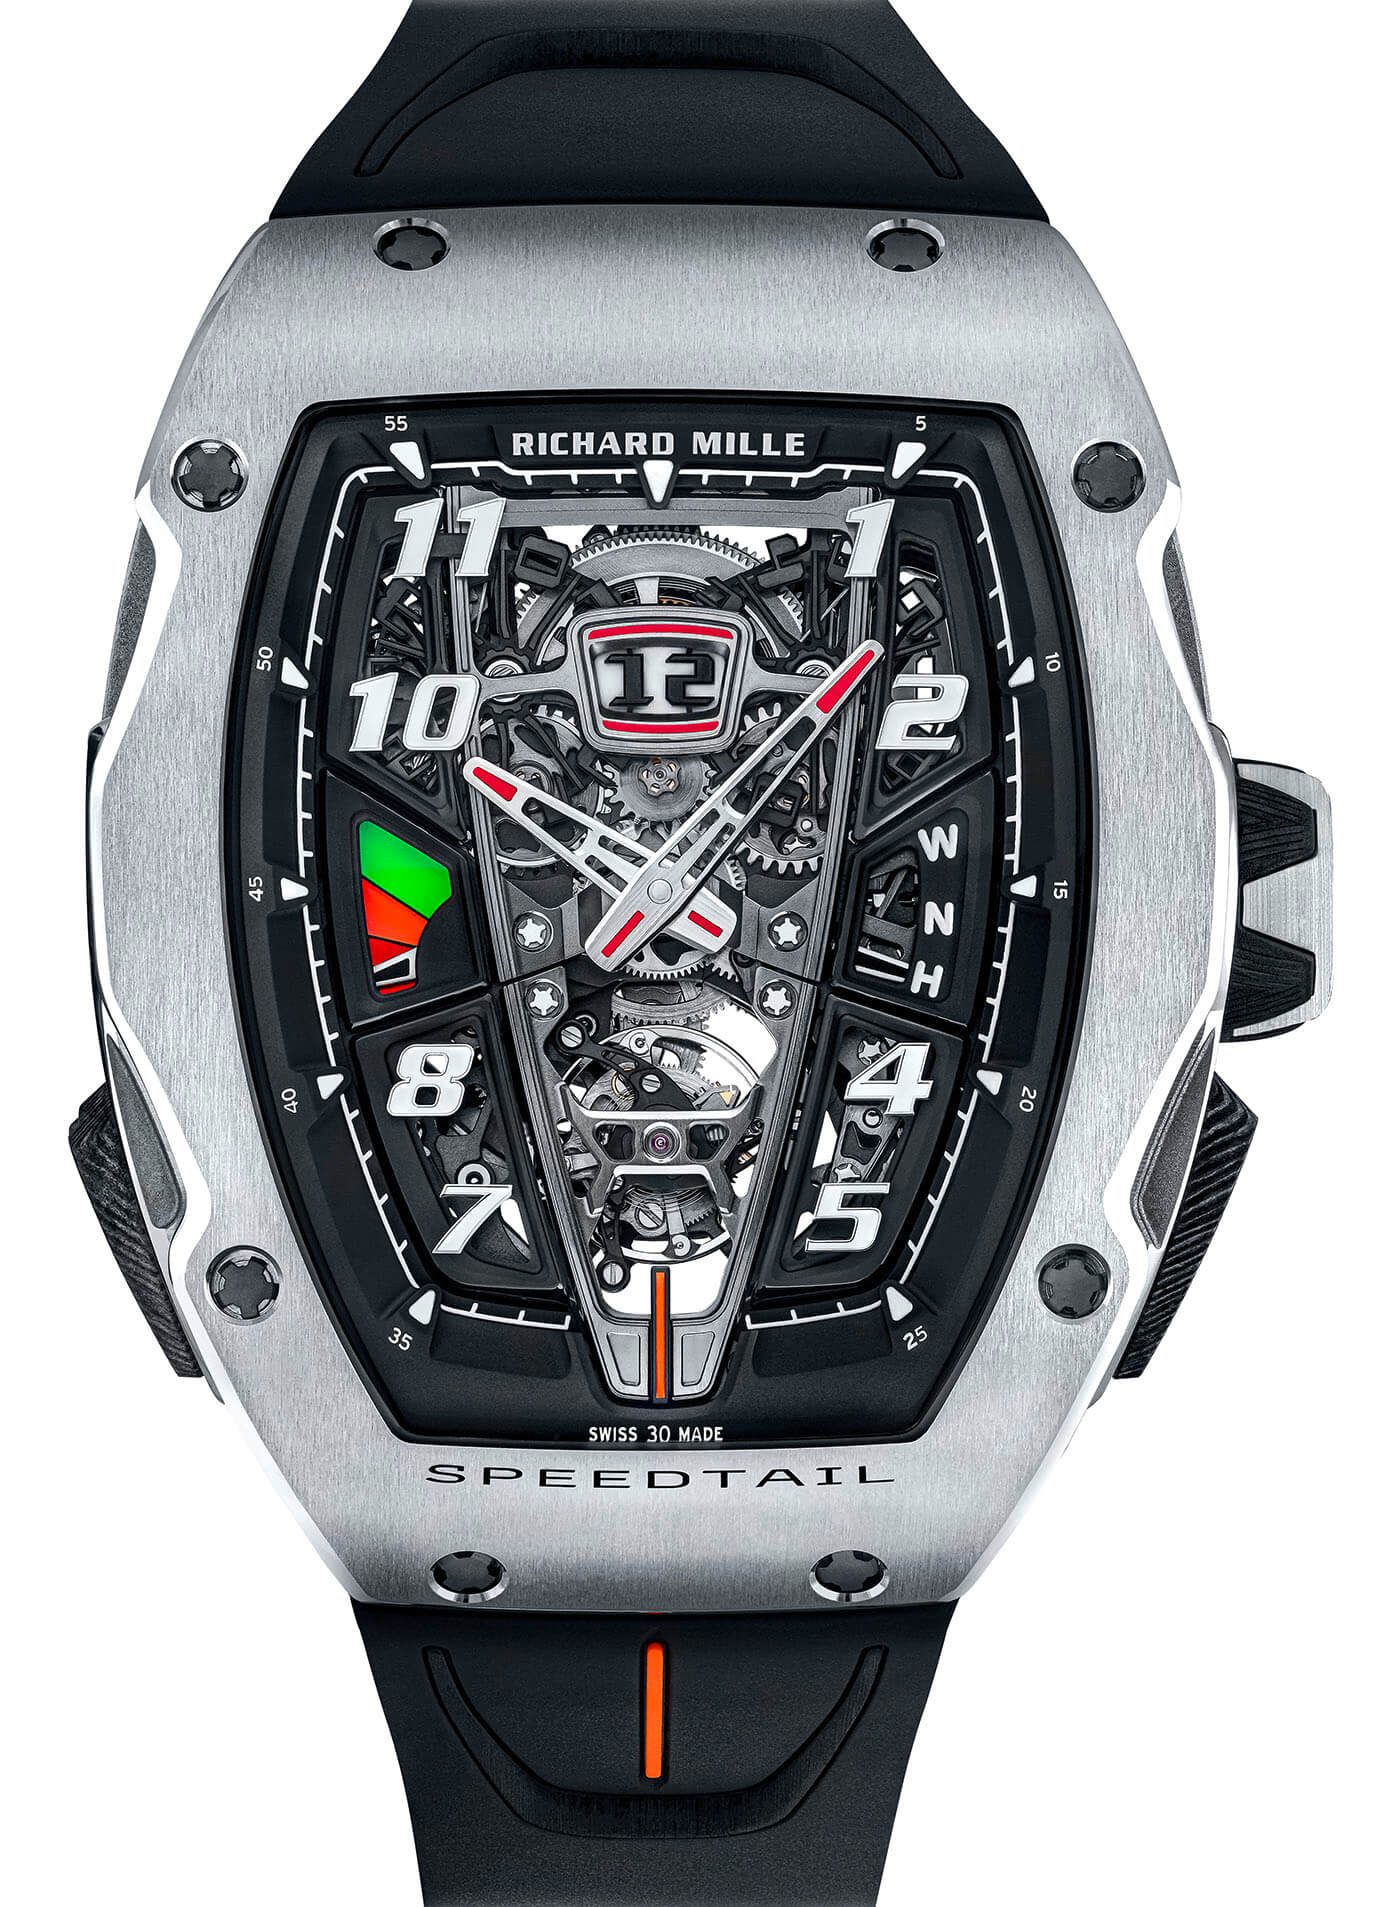 Richard Mille RM 40-01 Otomatik Tourbillon McLaren Speedtail saat bilgi